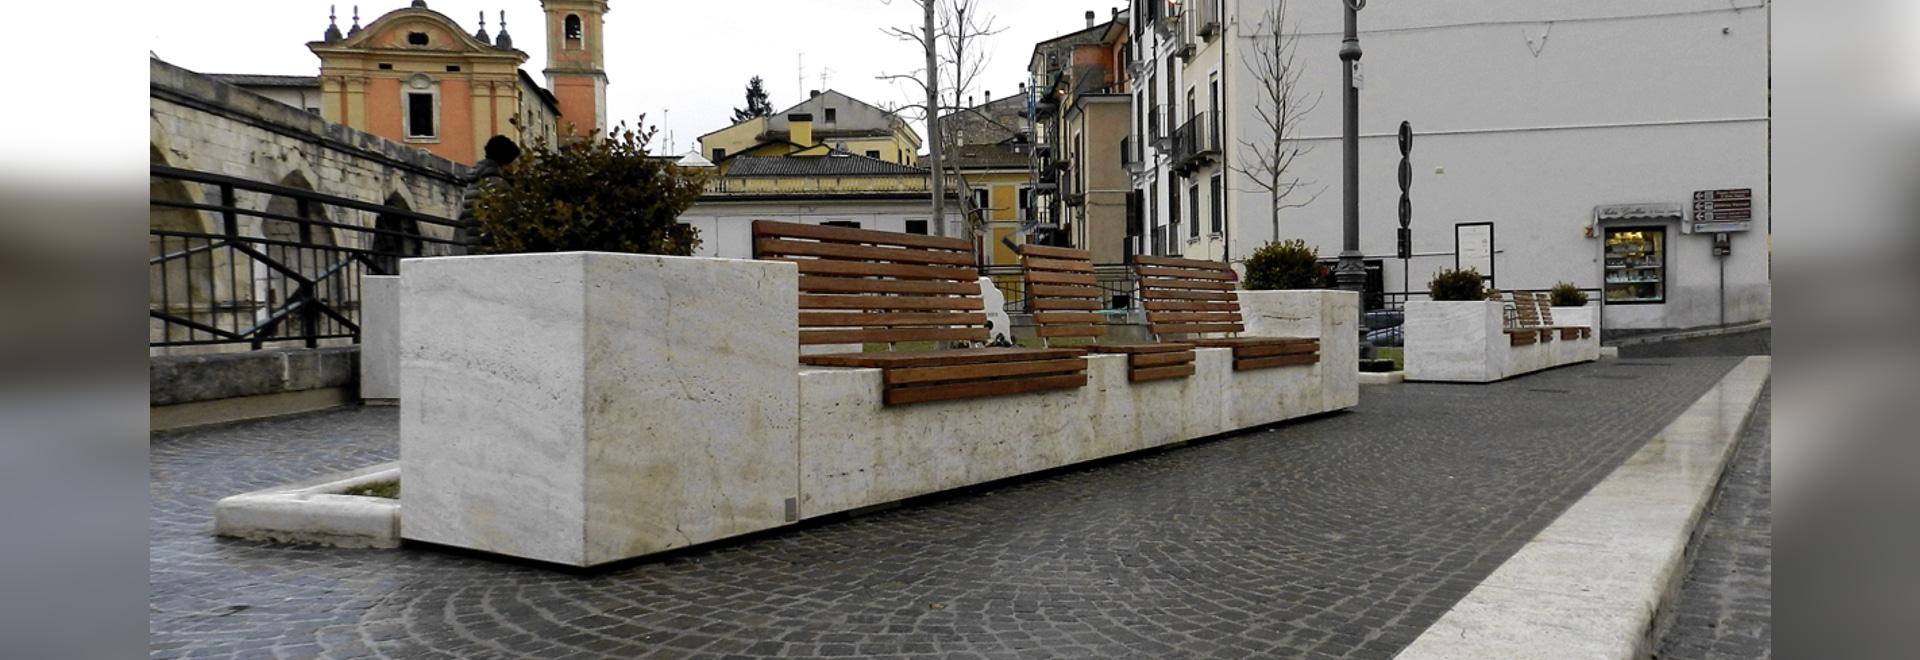 Arredo di Pietra - Planteuse de clous de girofle et banc pontile